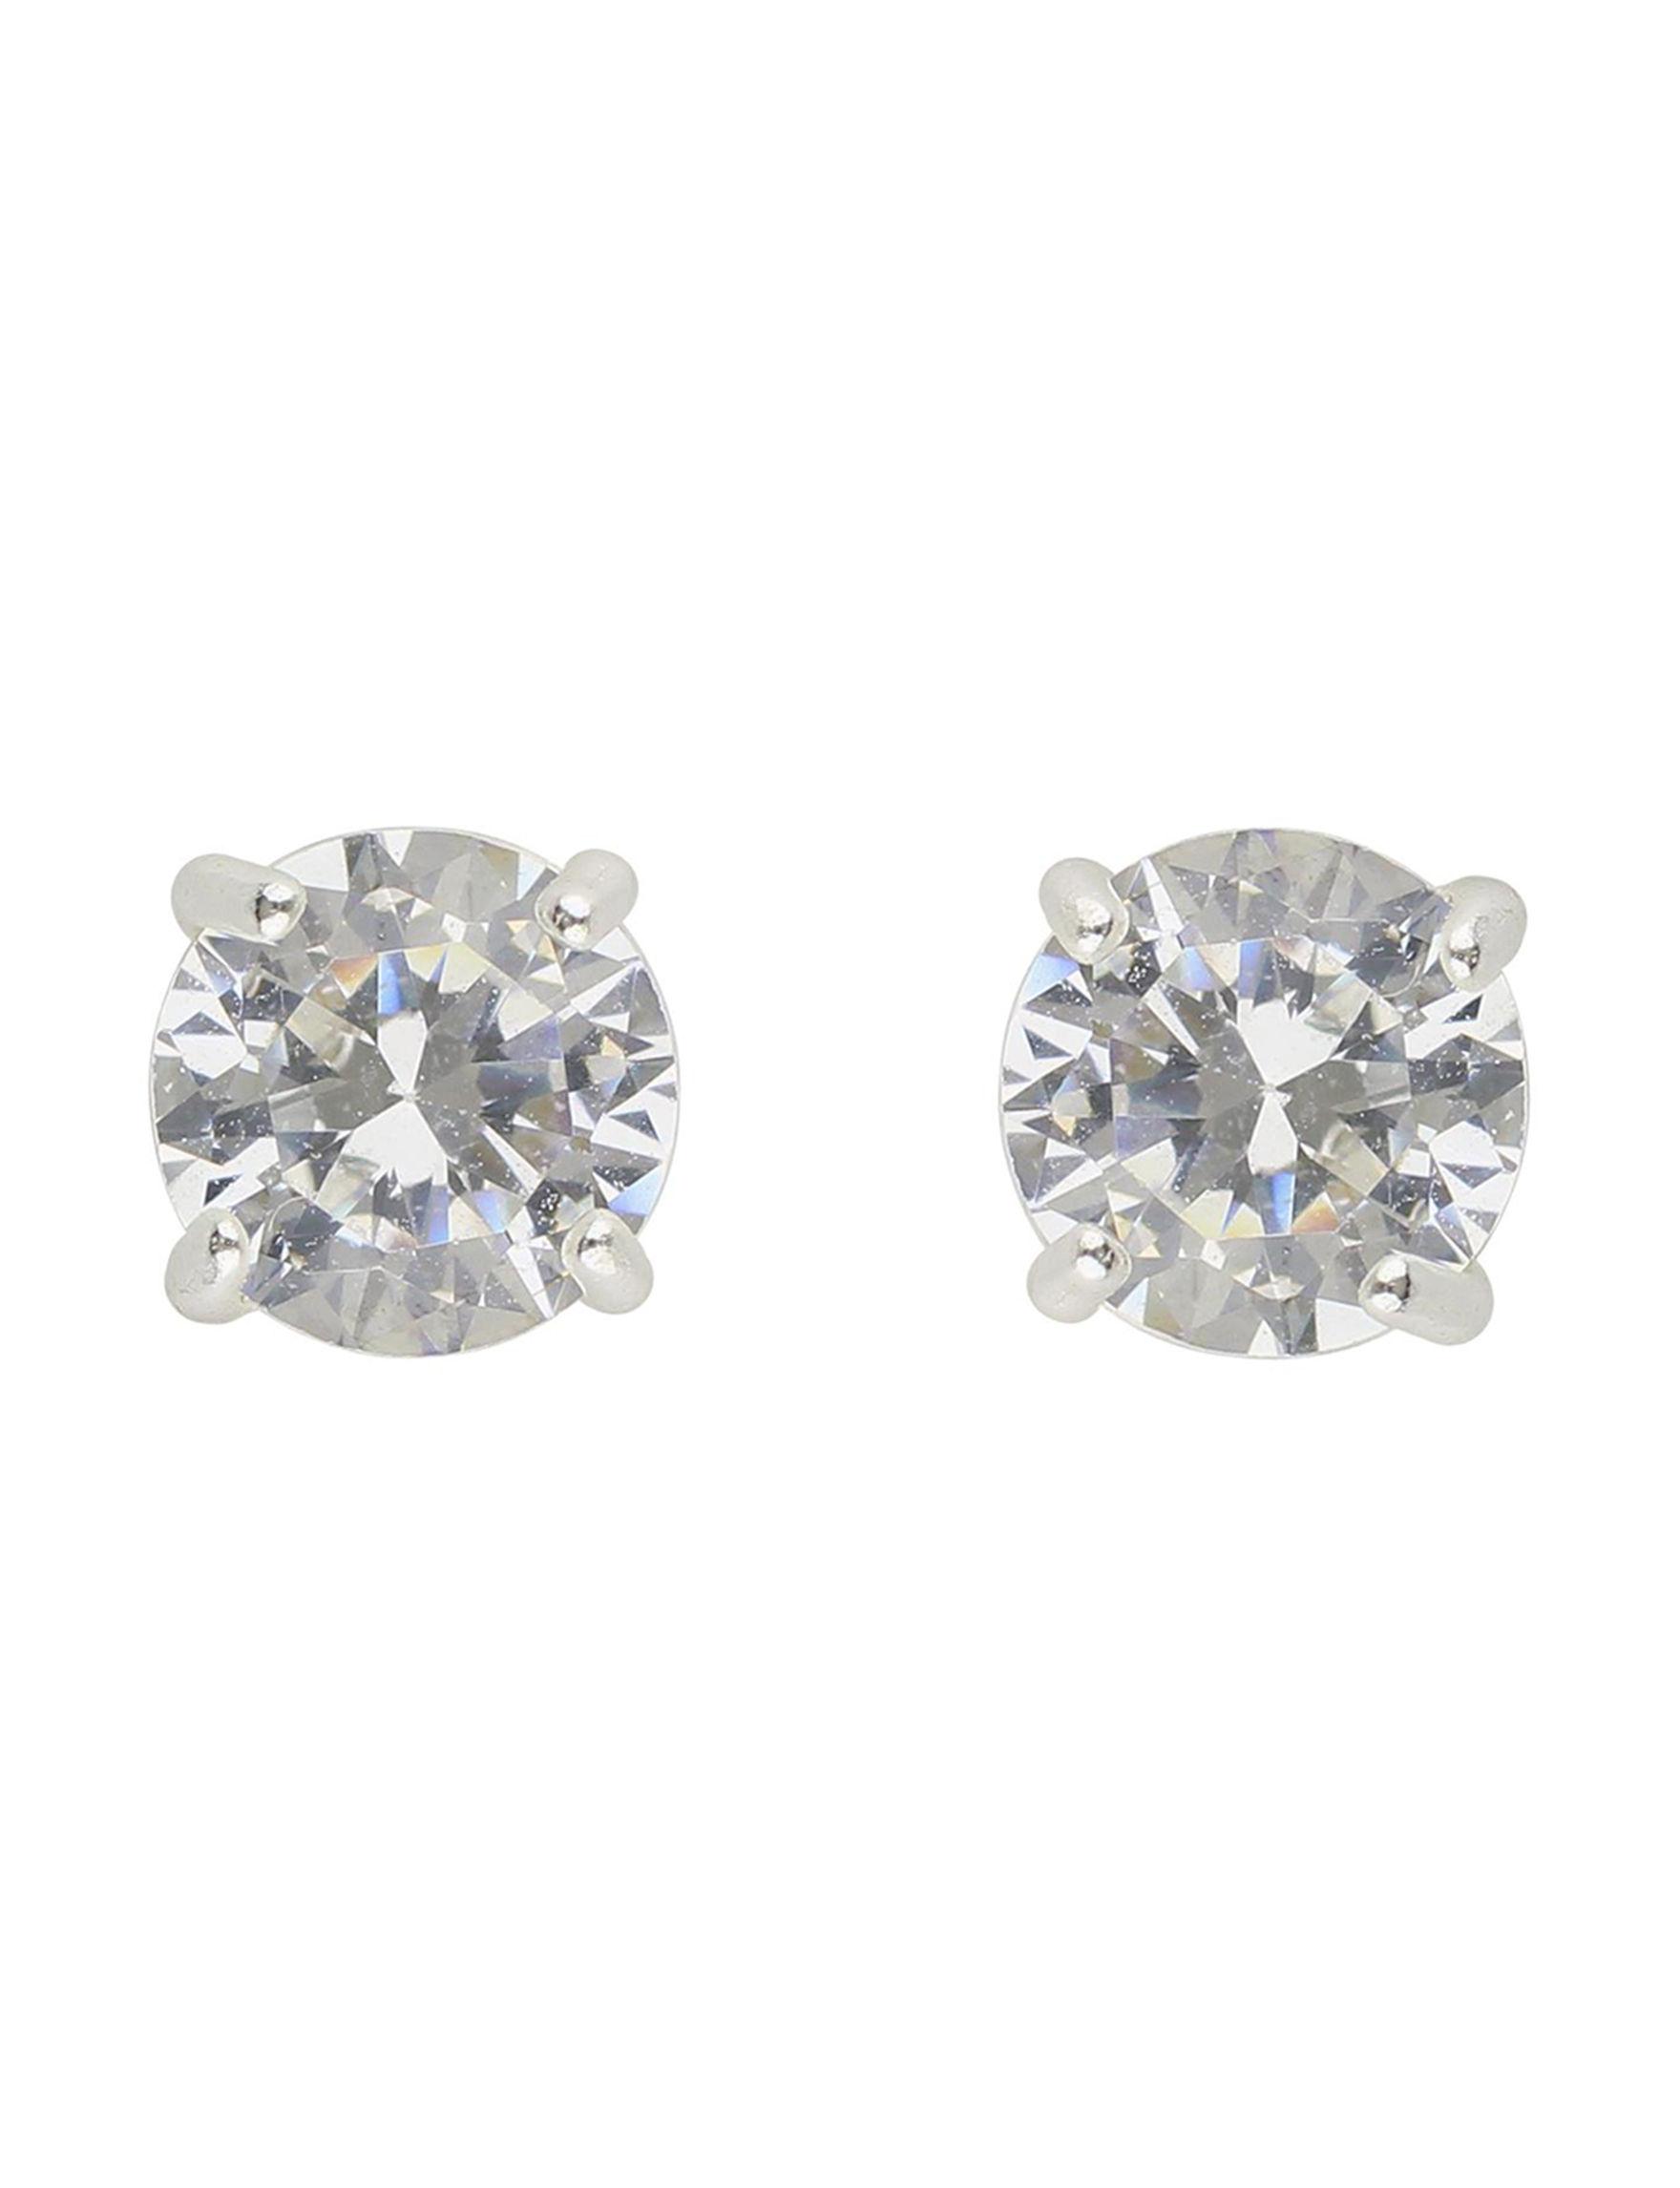 Sunstone Sterling Silver Studs Earrings Fine Jewelry